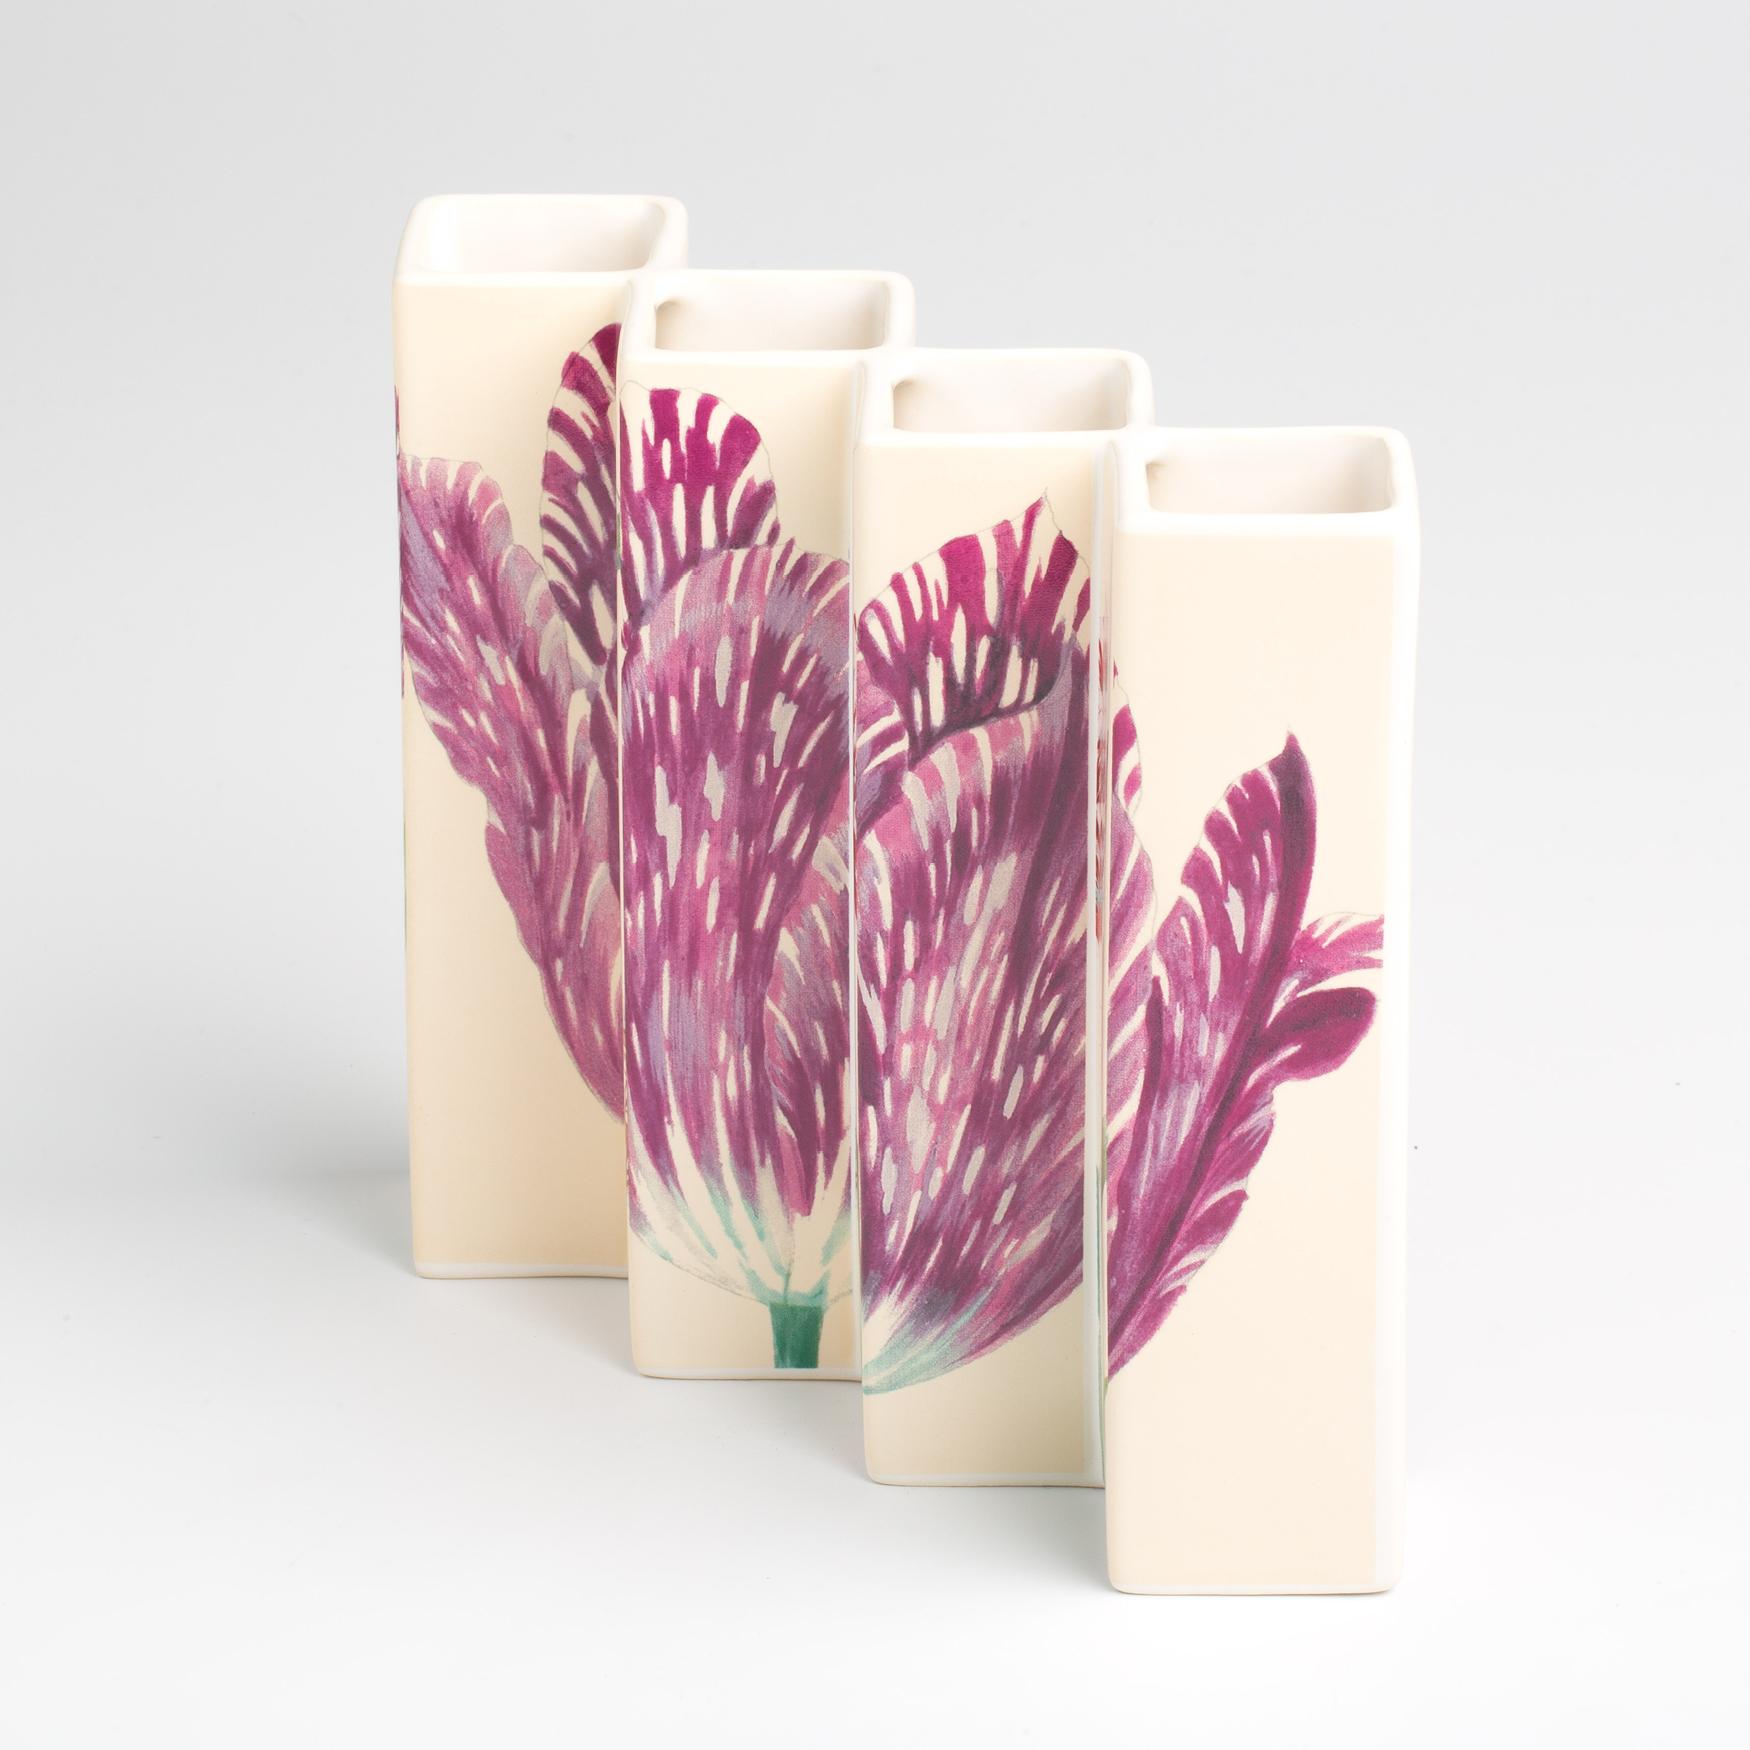 Dianthus-Flowers-Gallery-Vases-1902-13.jpg